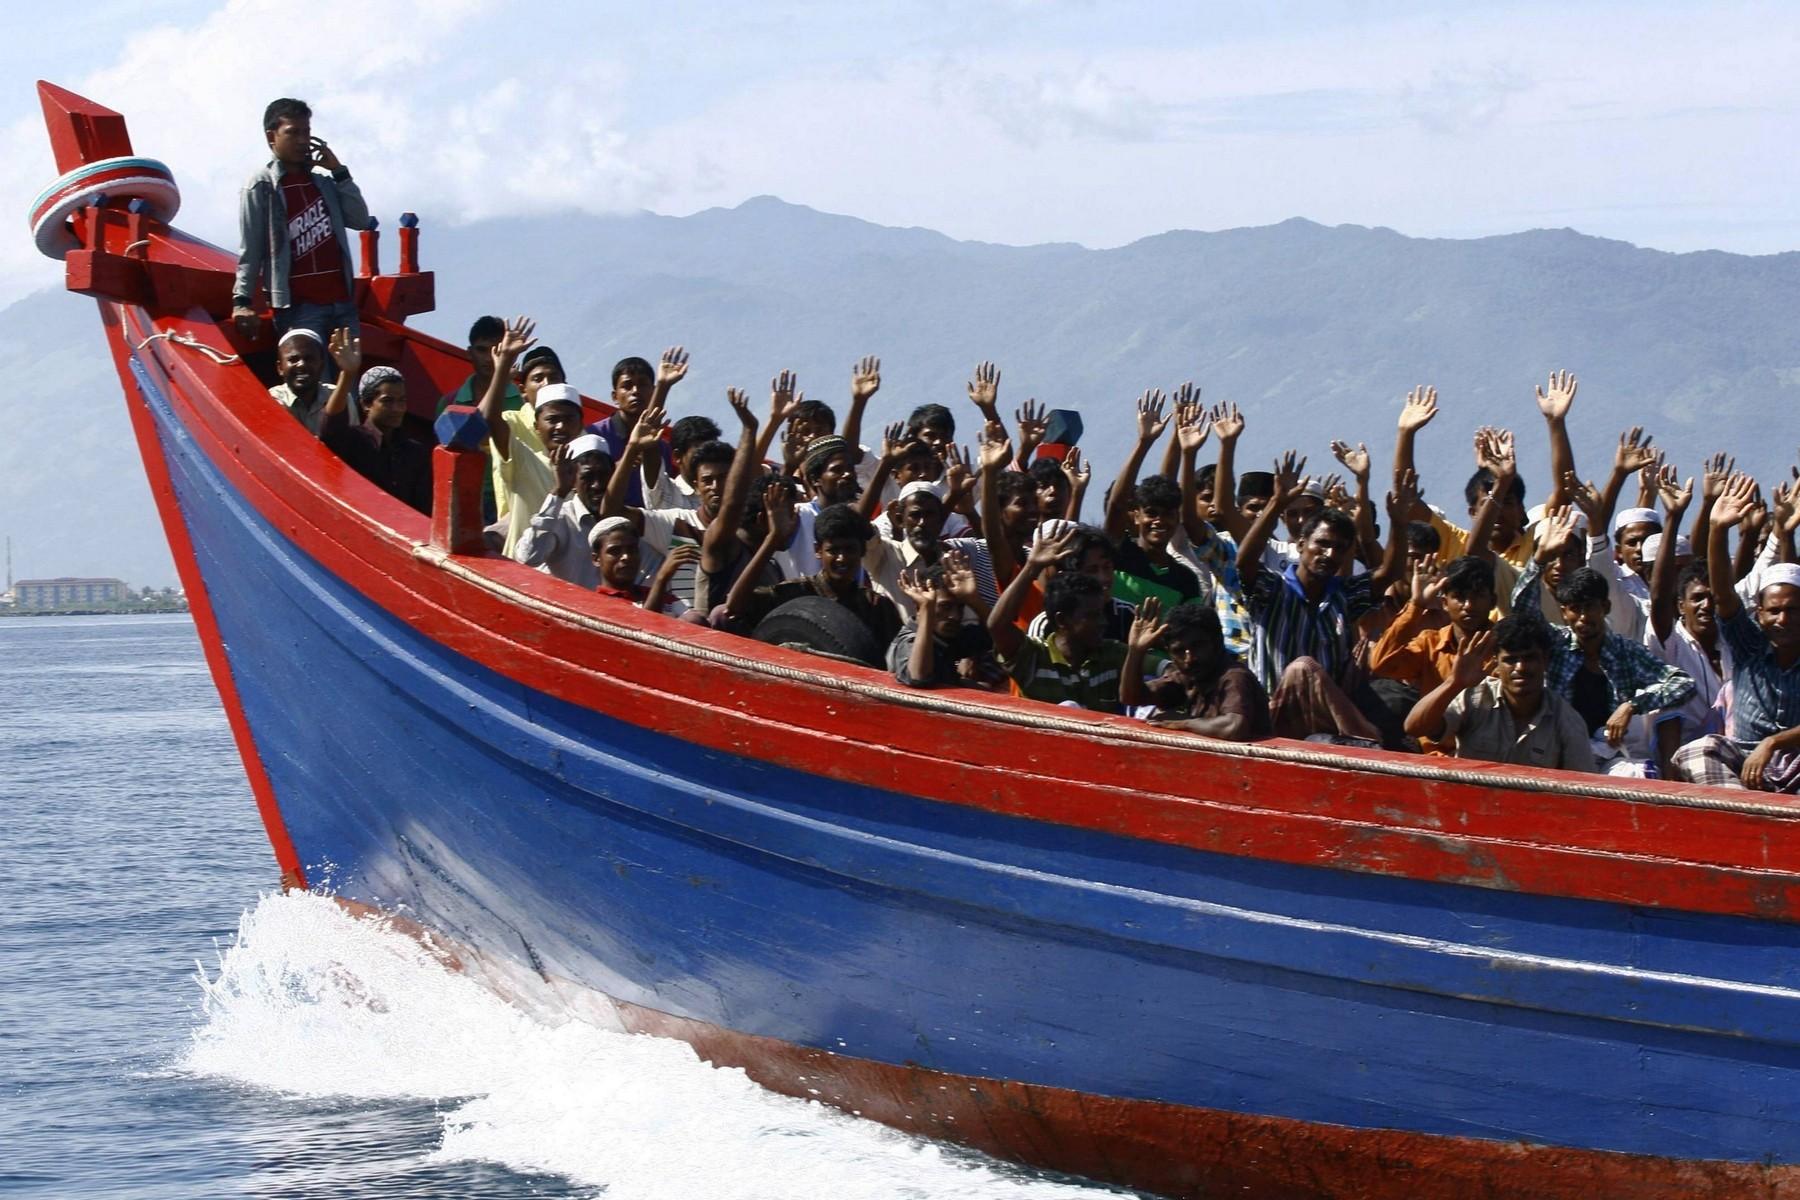 Австралия планирует посылать незаконных мигрантов вКиргизию